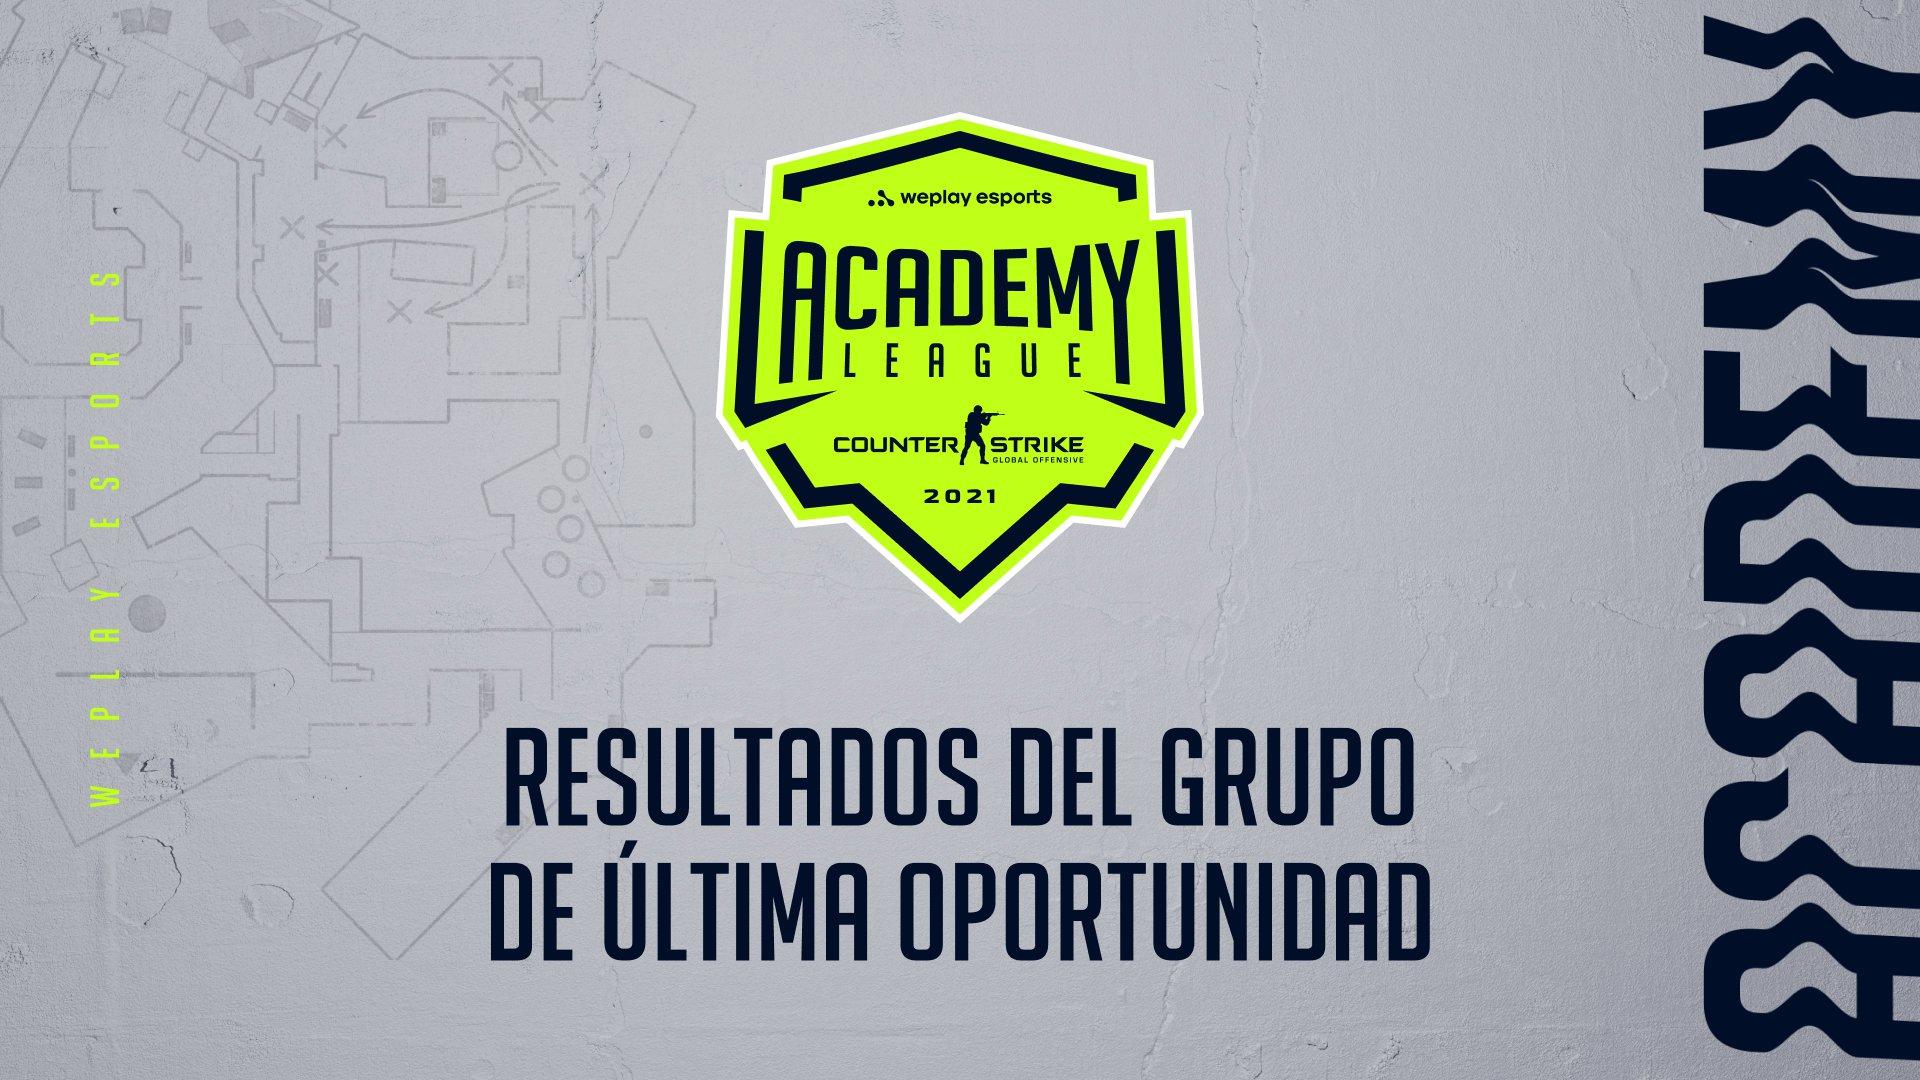 Resultados del Grupo de última oportunidad de la Temporada 2 de la WePlay Academy League. Imagen: WePlay Holding